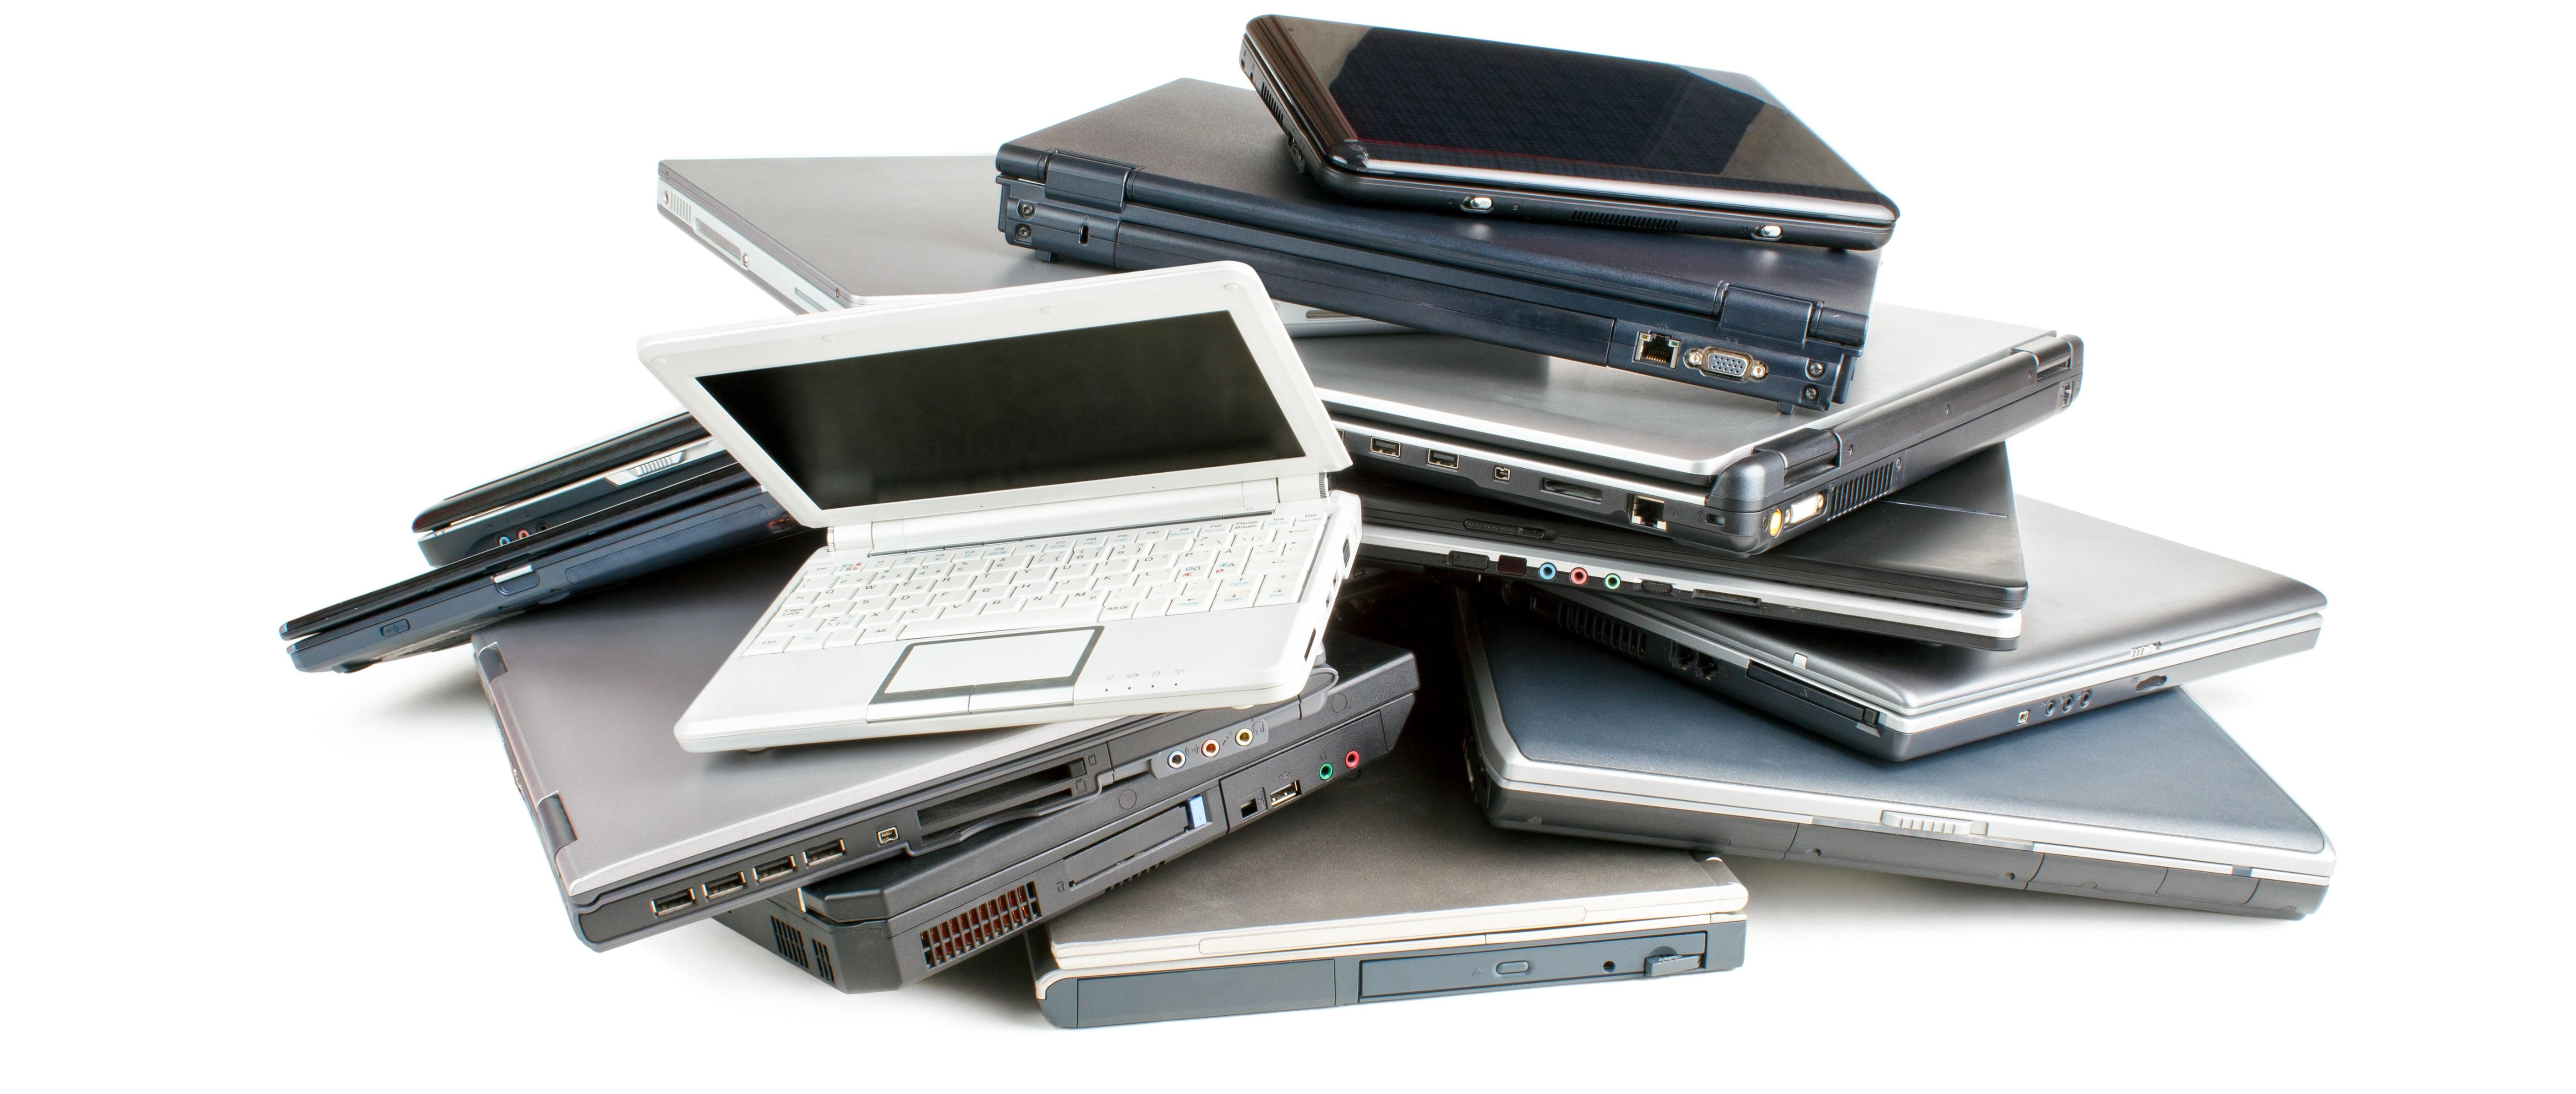 Chciałeś kupić taniego laptopa z Windowsem? Lepiej się pospiesz